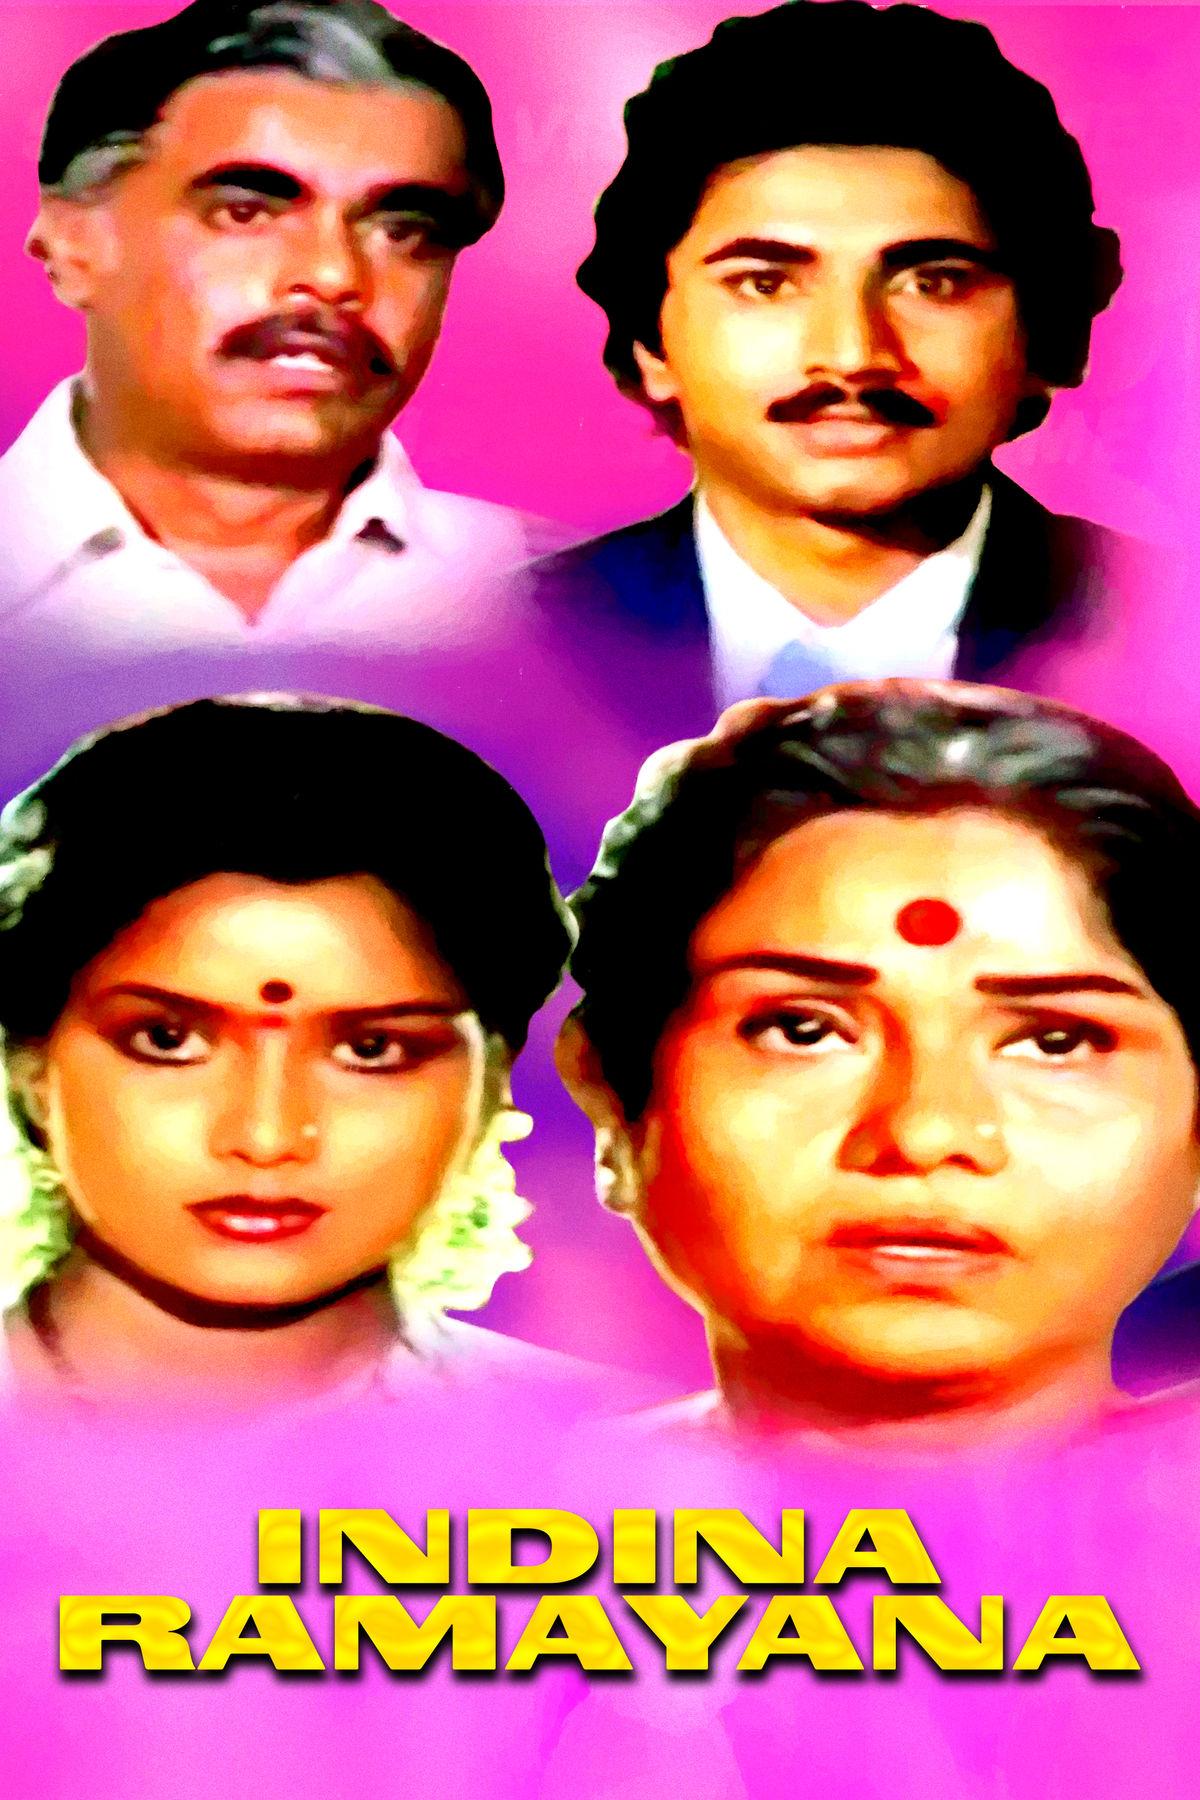 Indina Ramayana